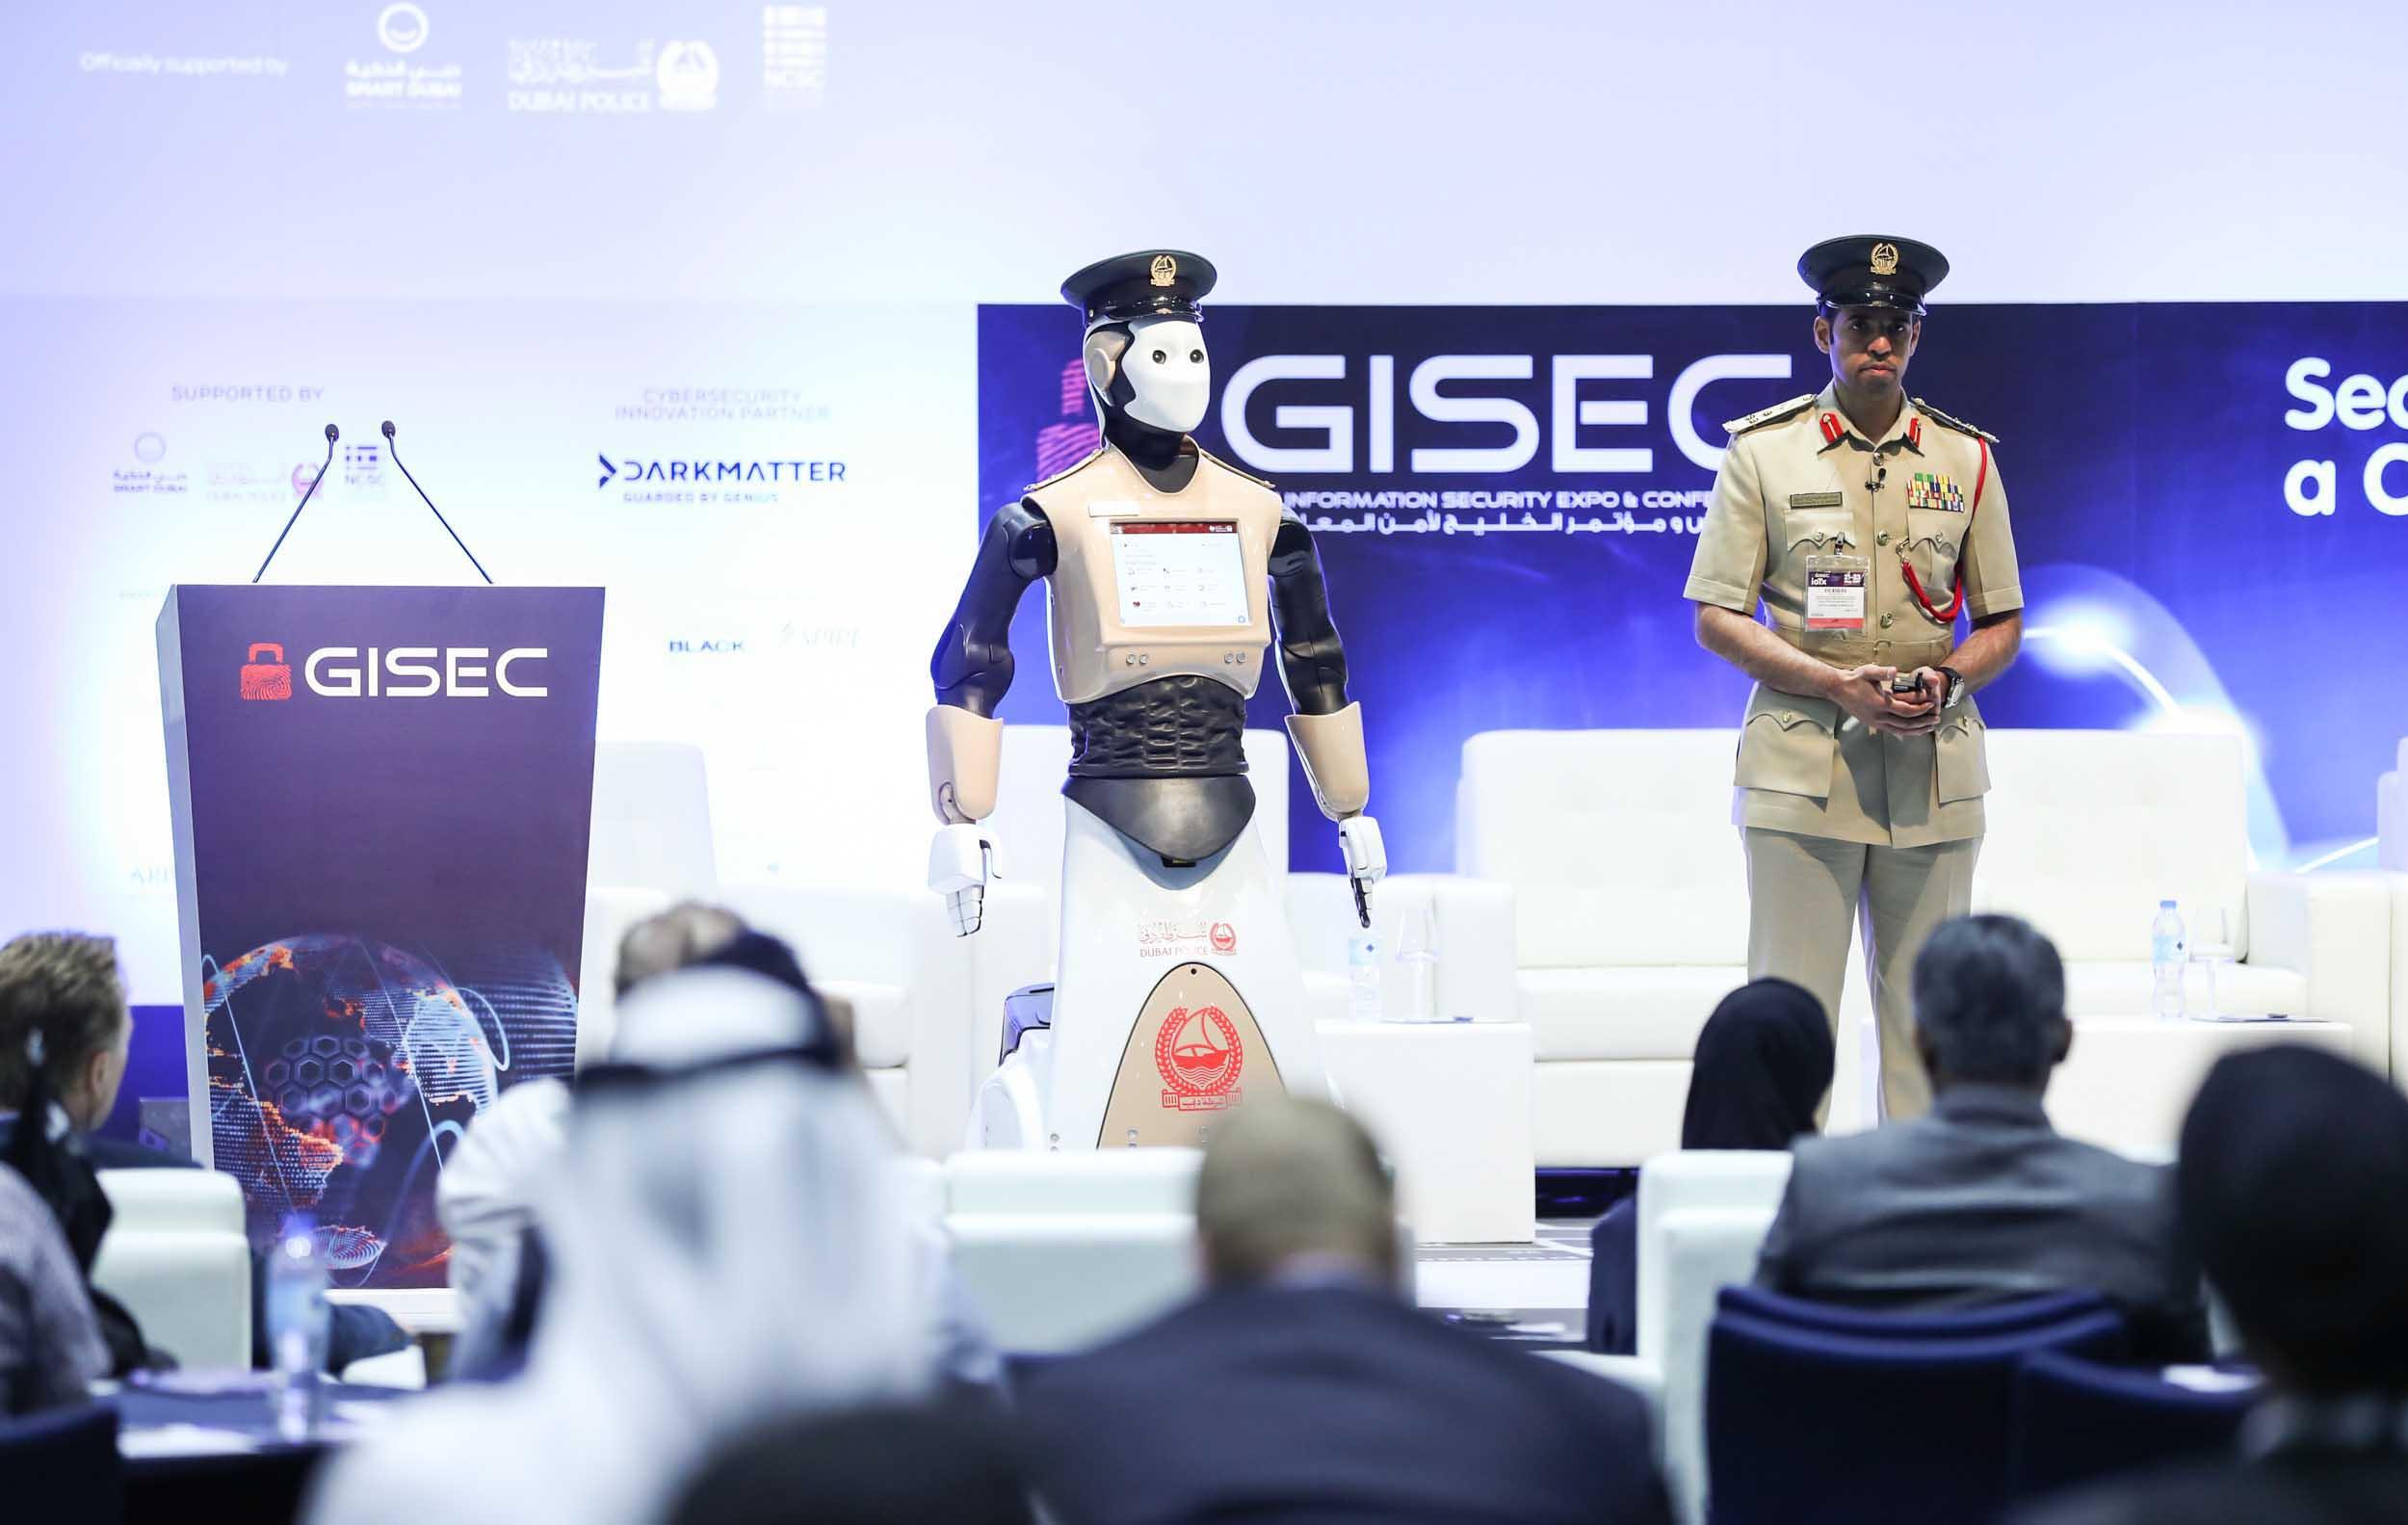 انضمام أول شرطي آلي إلى شرطة دبي 3